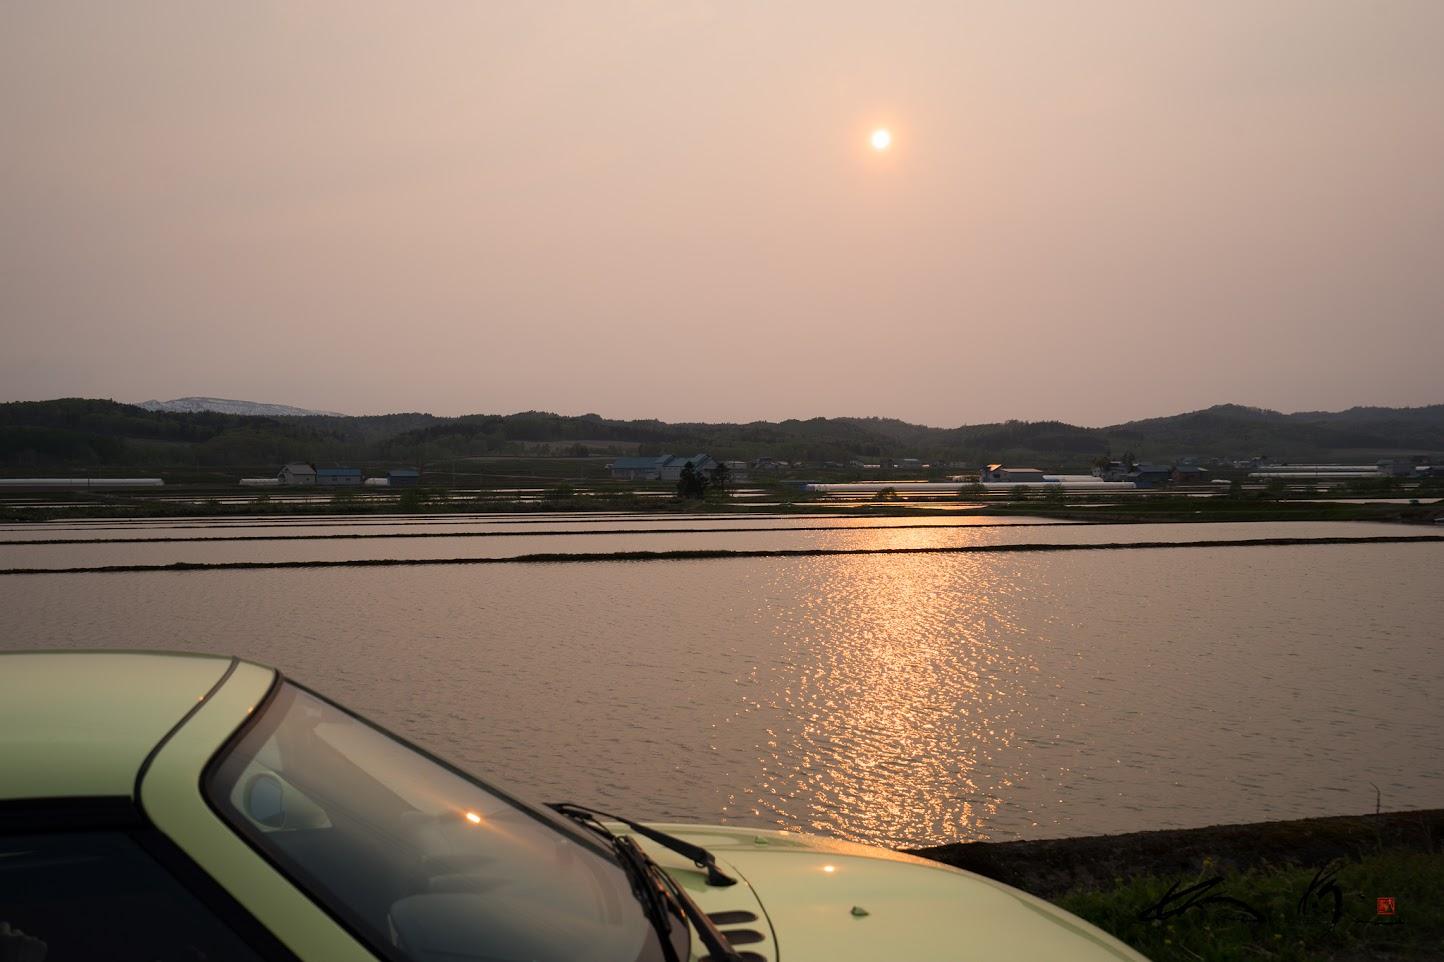 Copenのボディに映り込む2つの夕陽